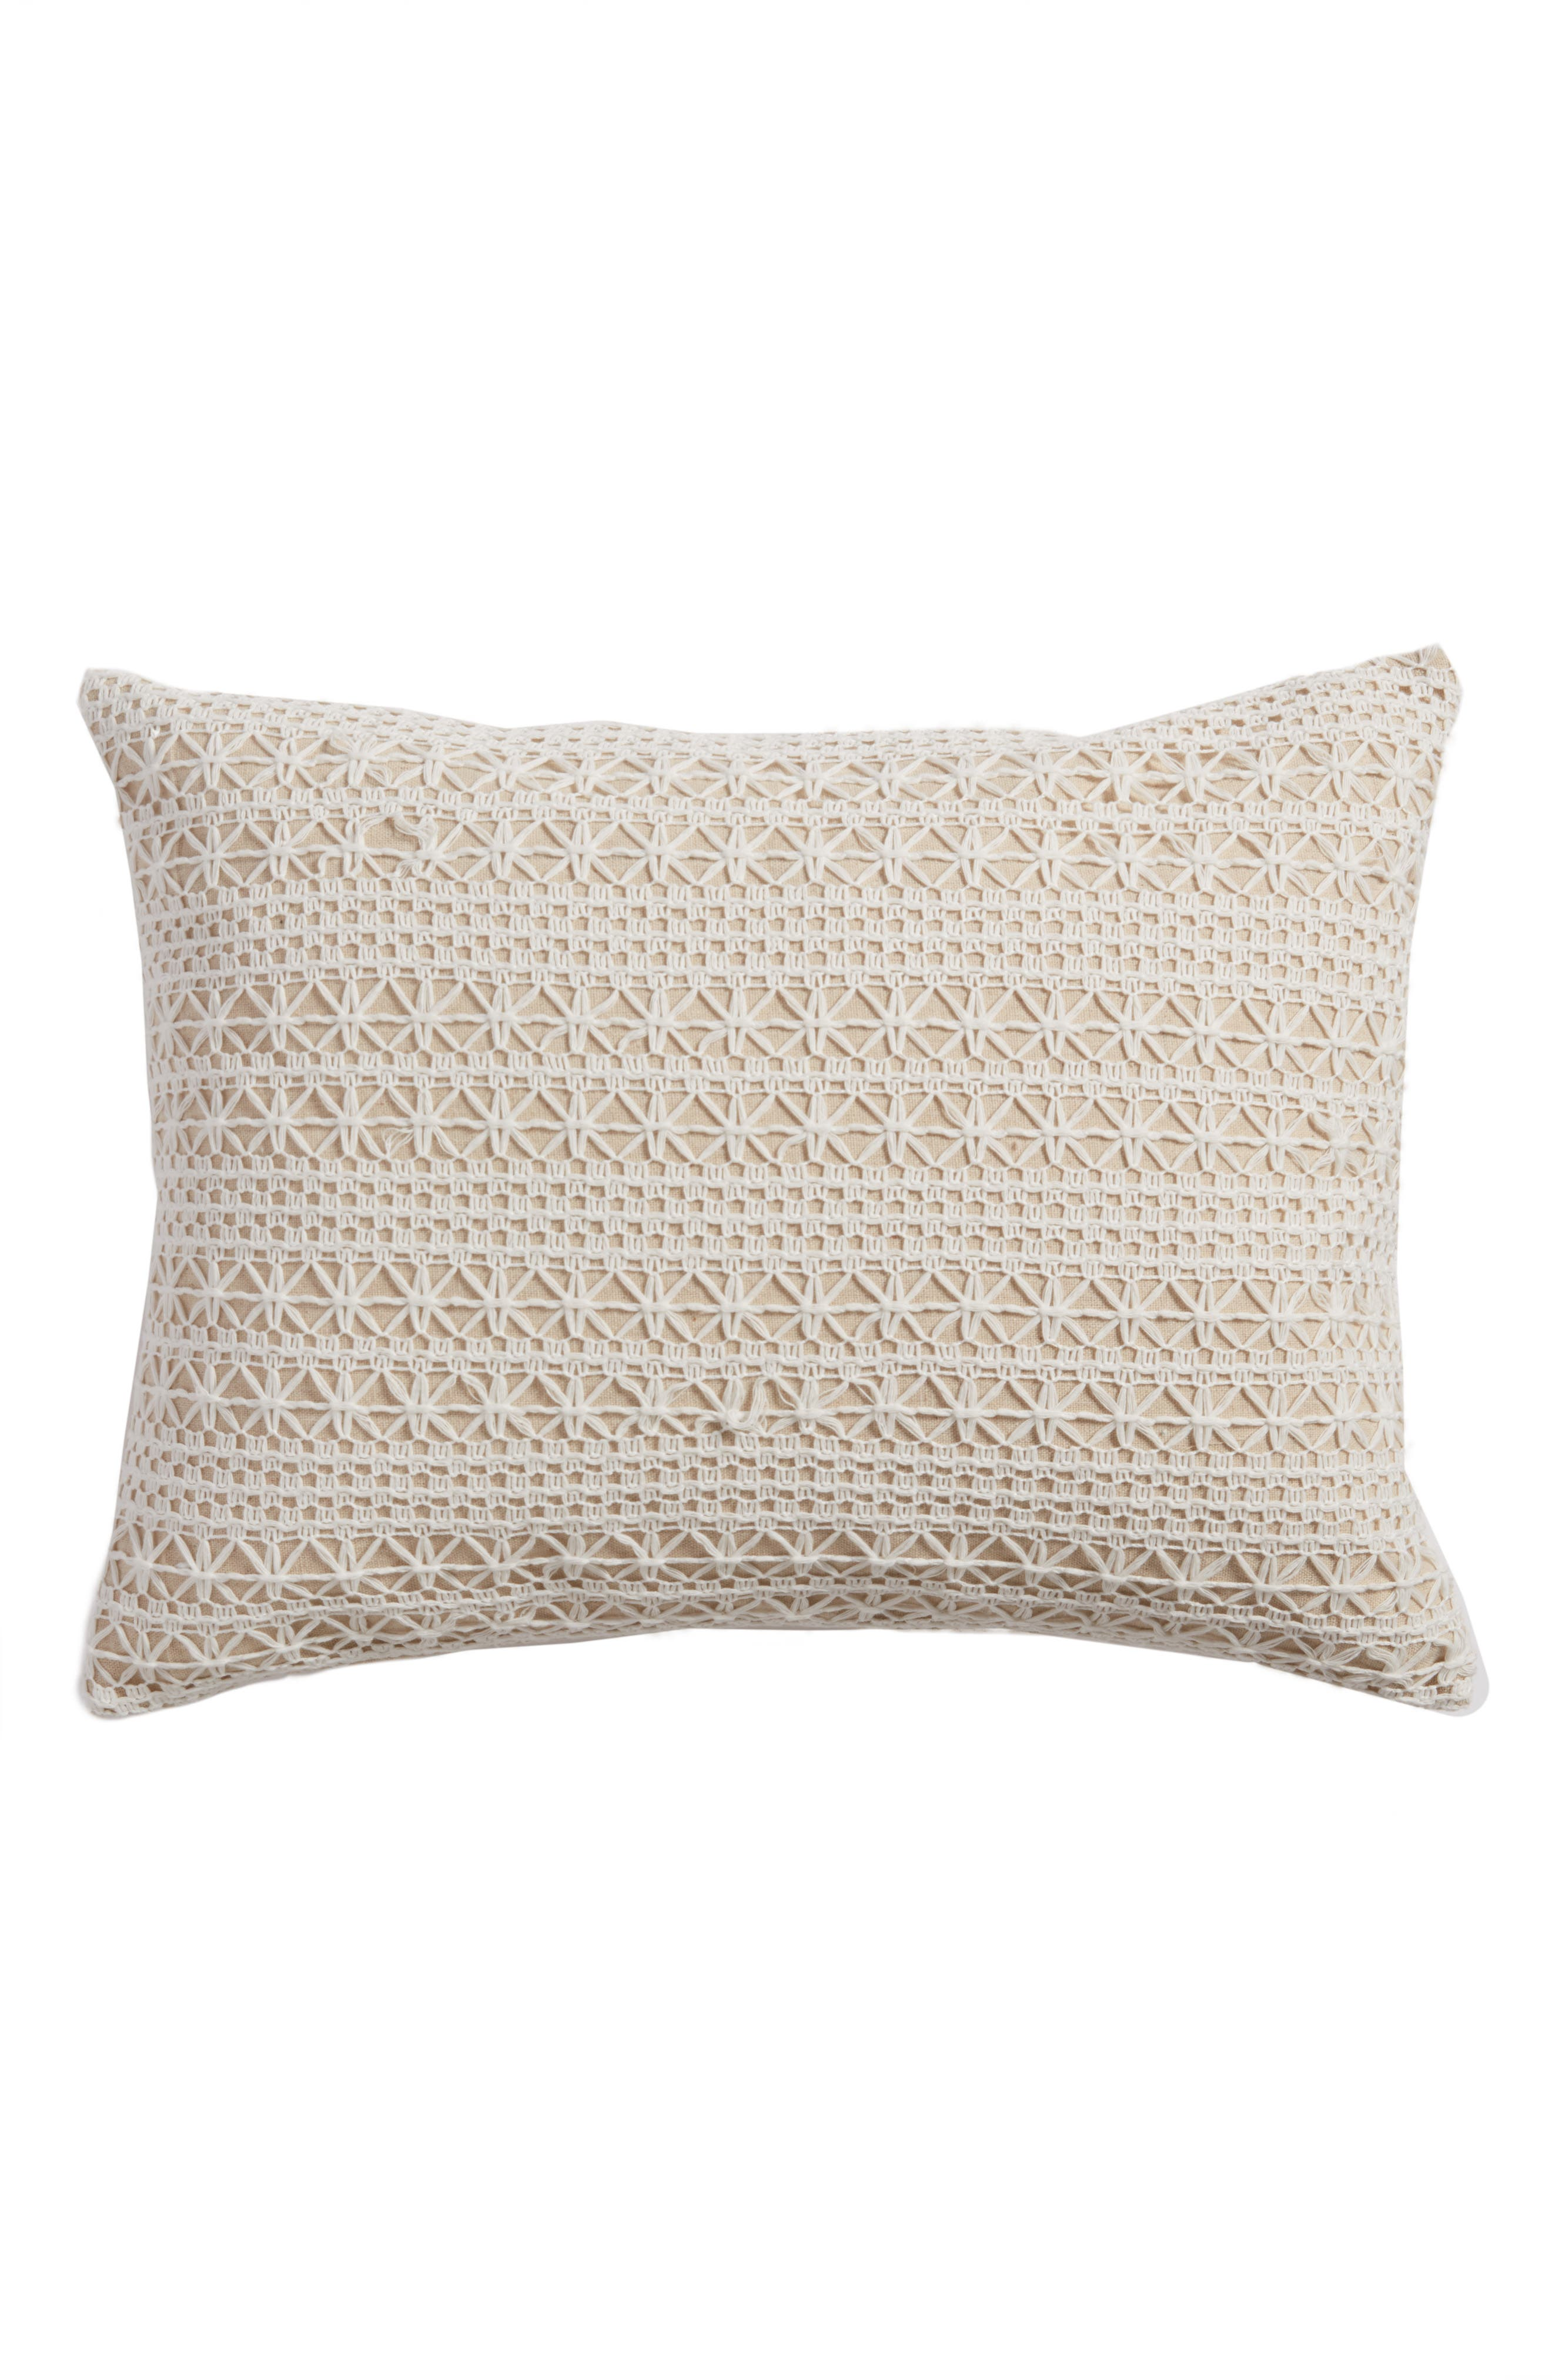 Levtex Arden Accent Pillow